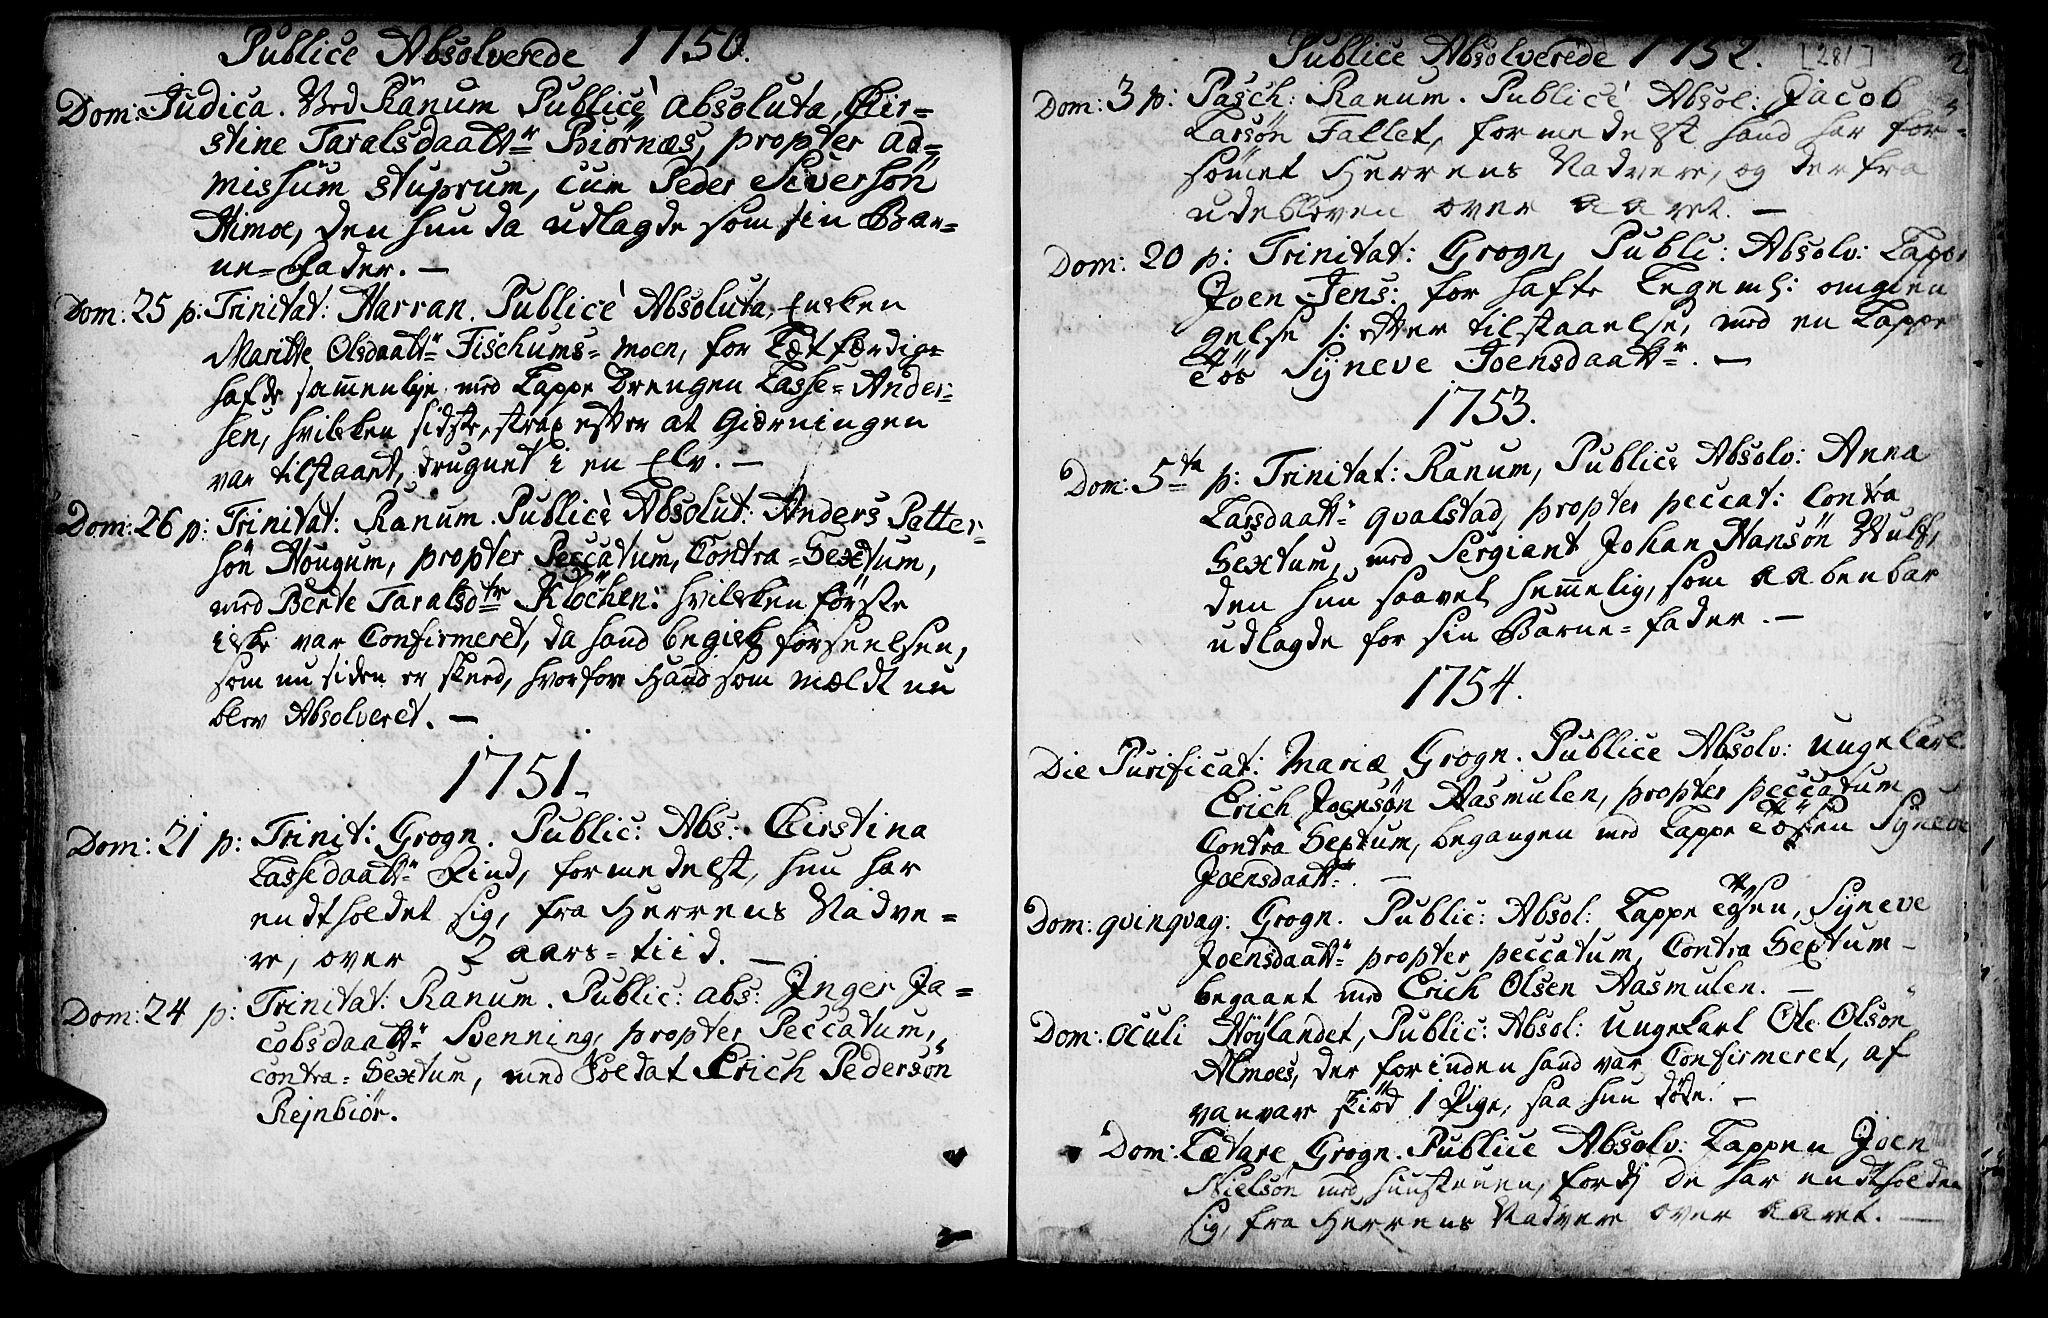 SAT, Ministerialprotokoller, klokkerbøker og fødselsregistre - Nord-Trøndelag, 764/L0542: Ministerialbok nr. 764A02, 1748-1779, s. 281